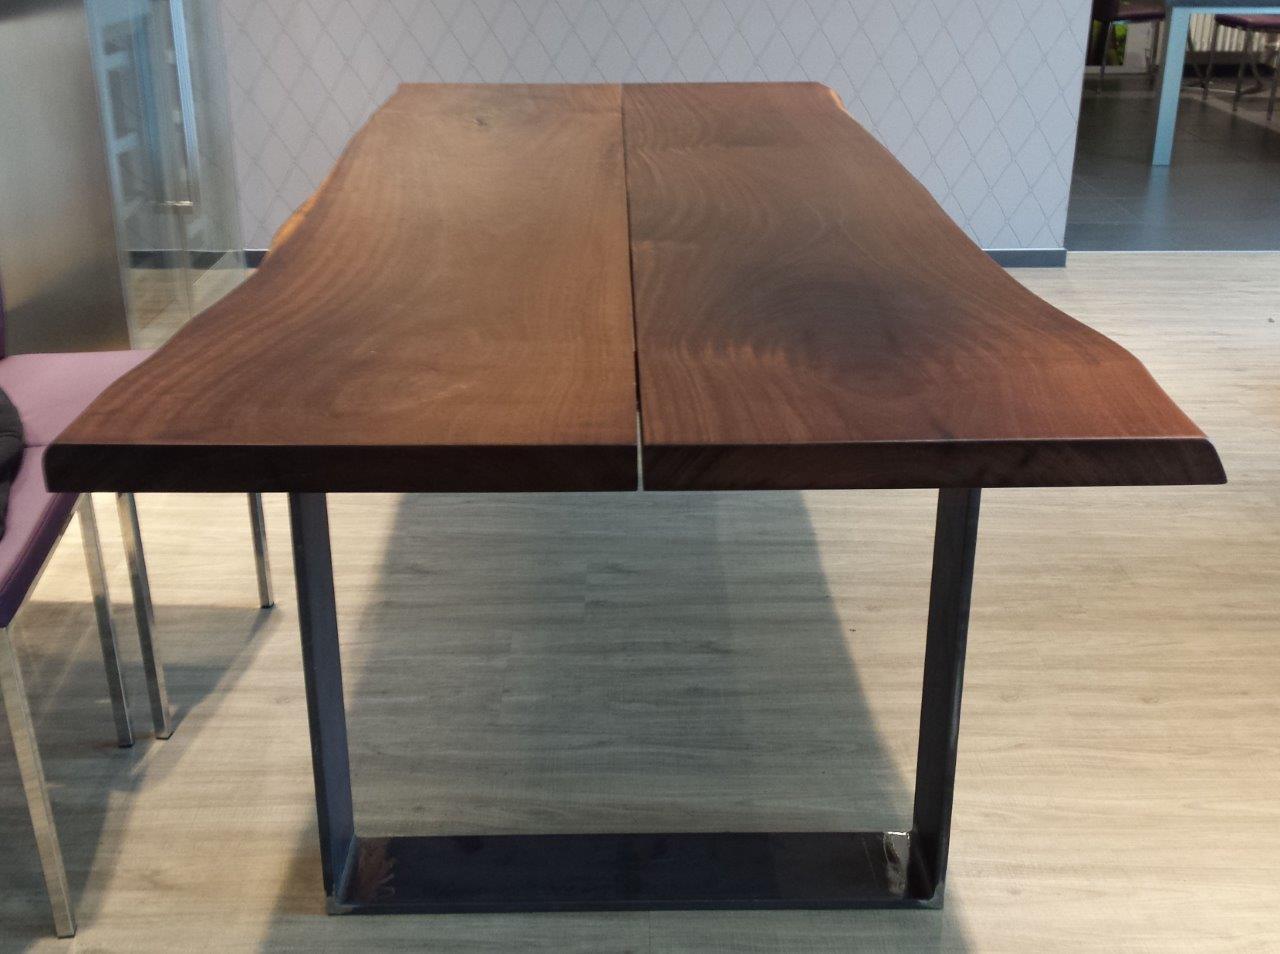 tisch bauen trendy gartenbank mit tisch gartenbank mit tisch selber bauen with tisch bauen. Black Bedroom Furniture Sets. Home Design Ideas